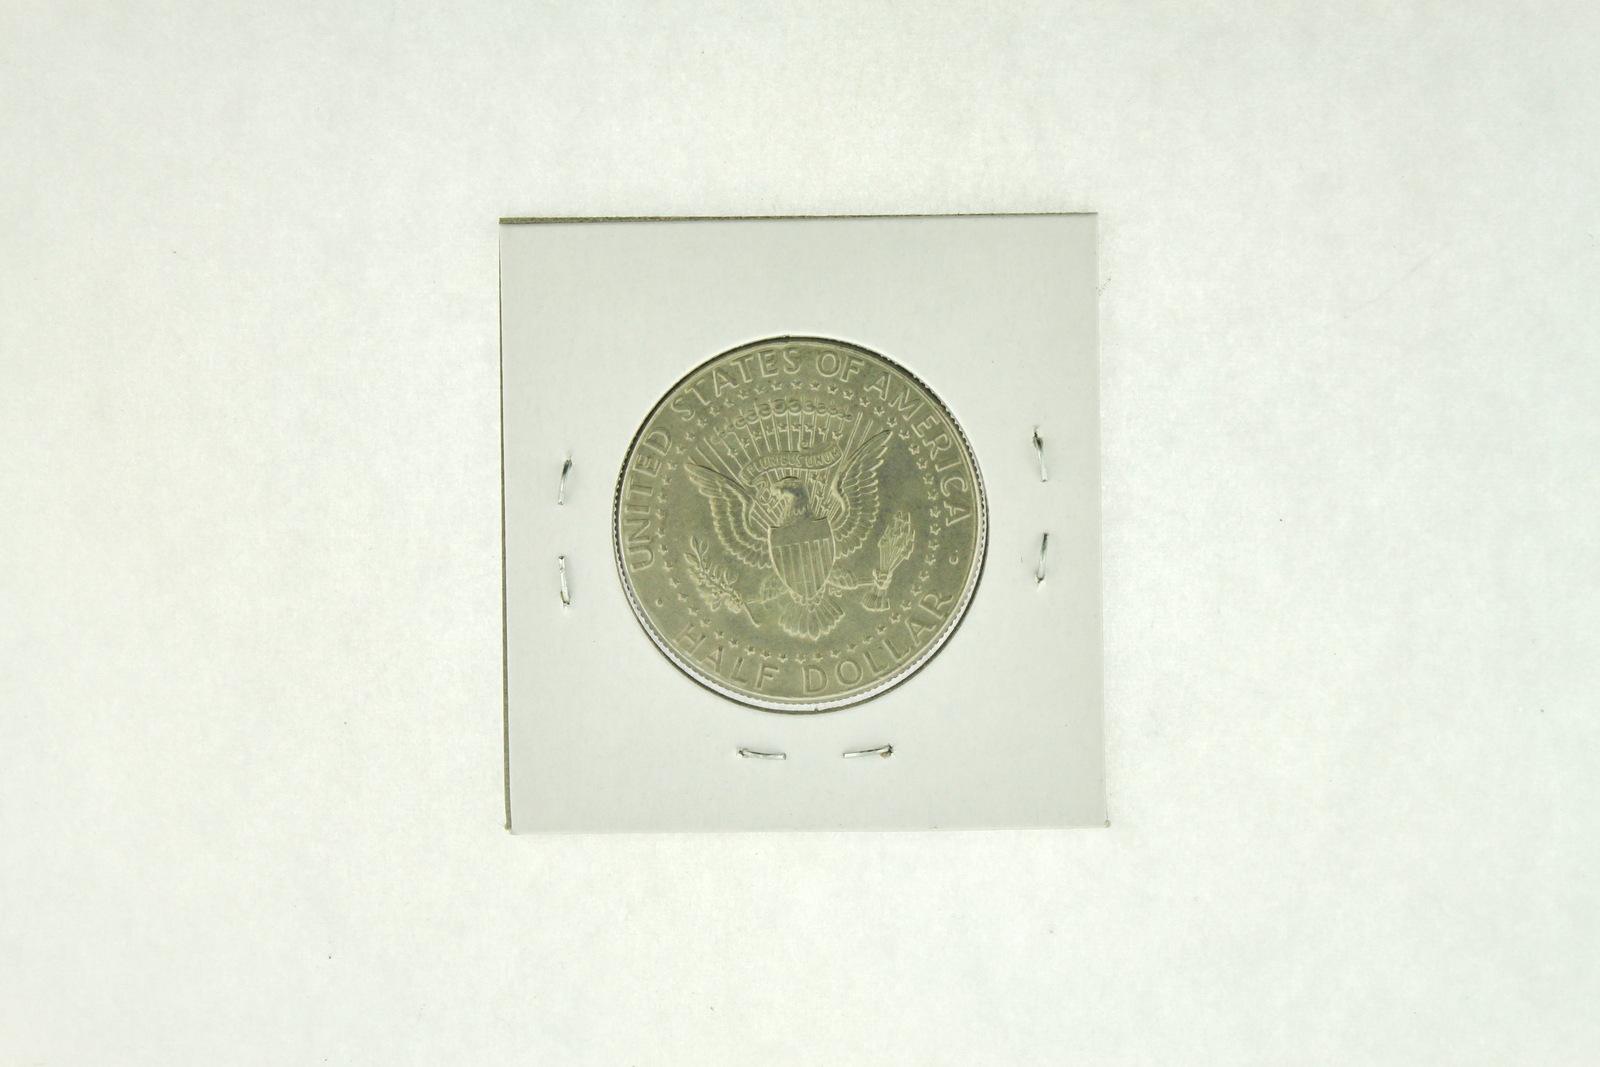 2001-D Kennedy Half Dollar (XF) Extremely Fine N2-4018-4